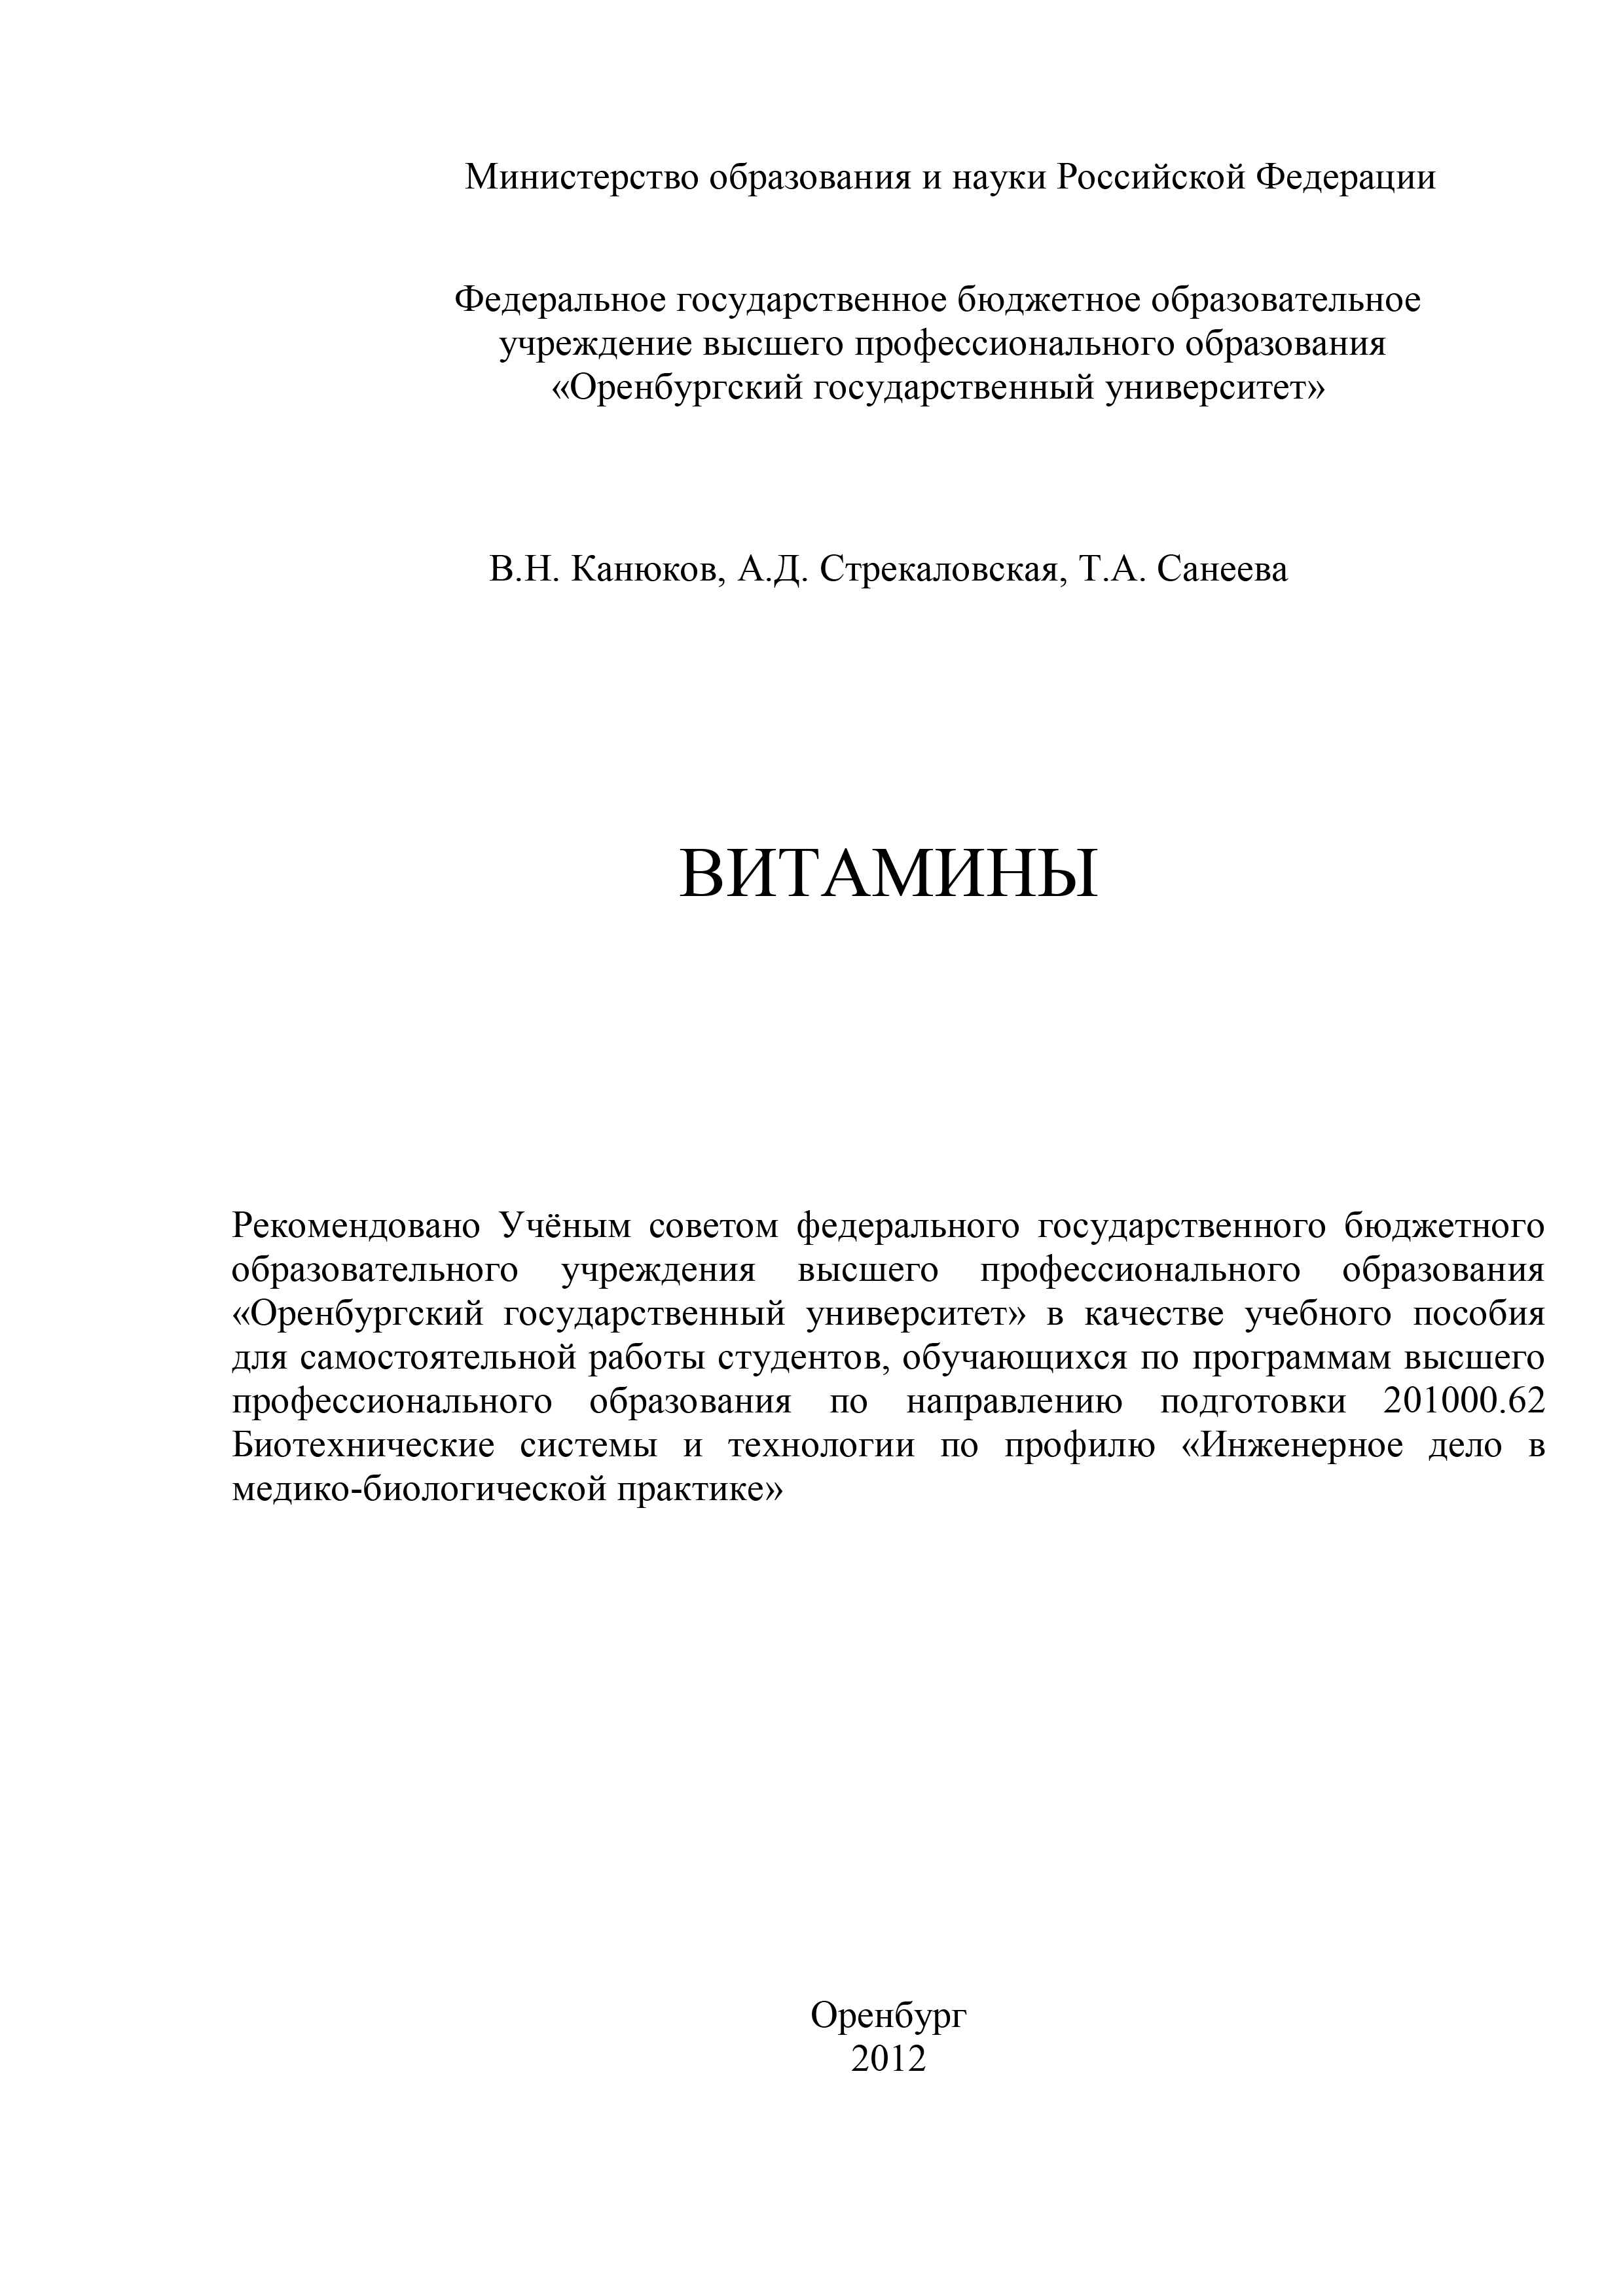 В. Н. Канюков Витамины в н канюков медицинское диагностическое оборудование